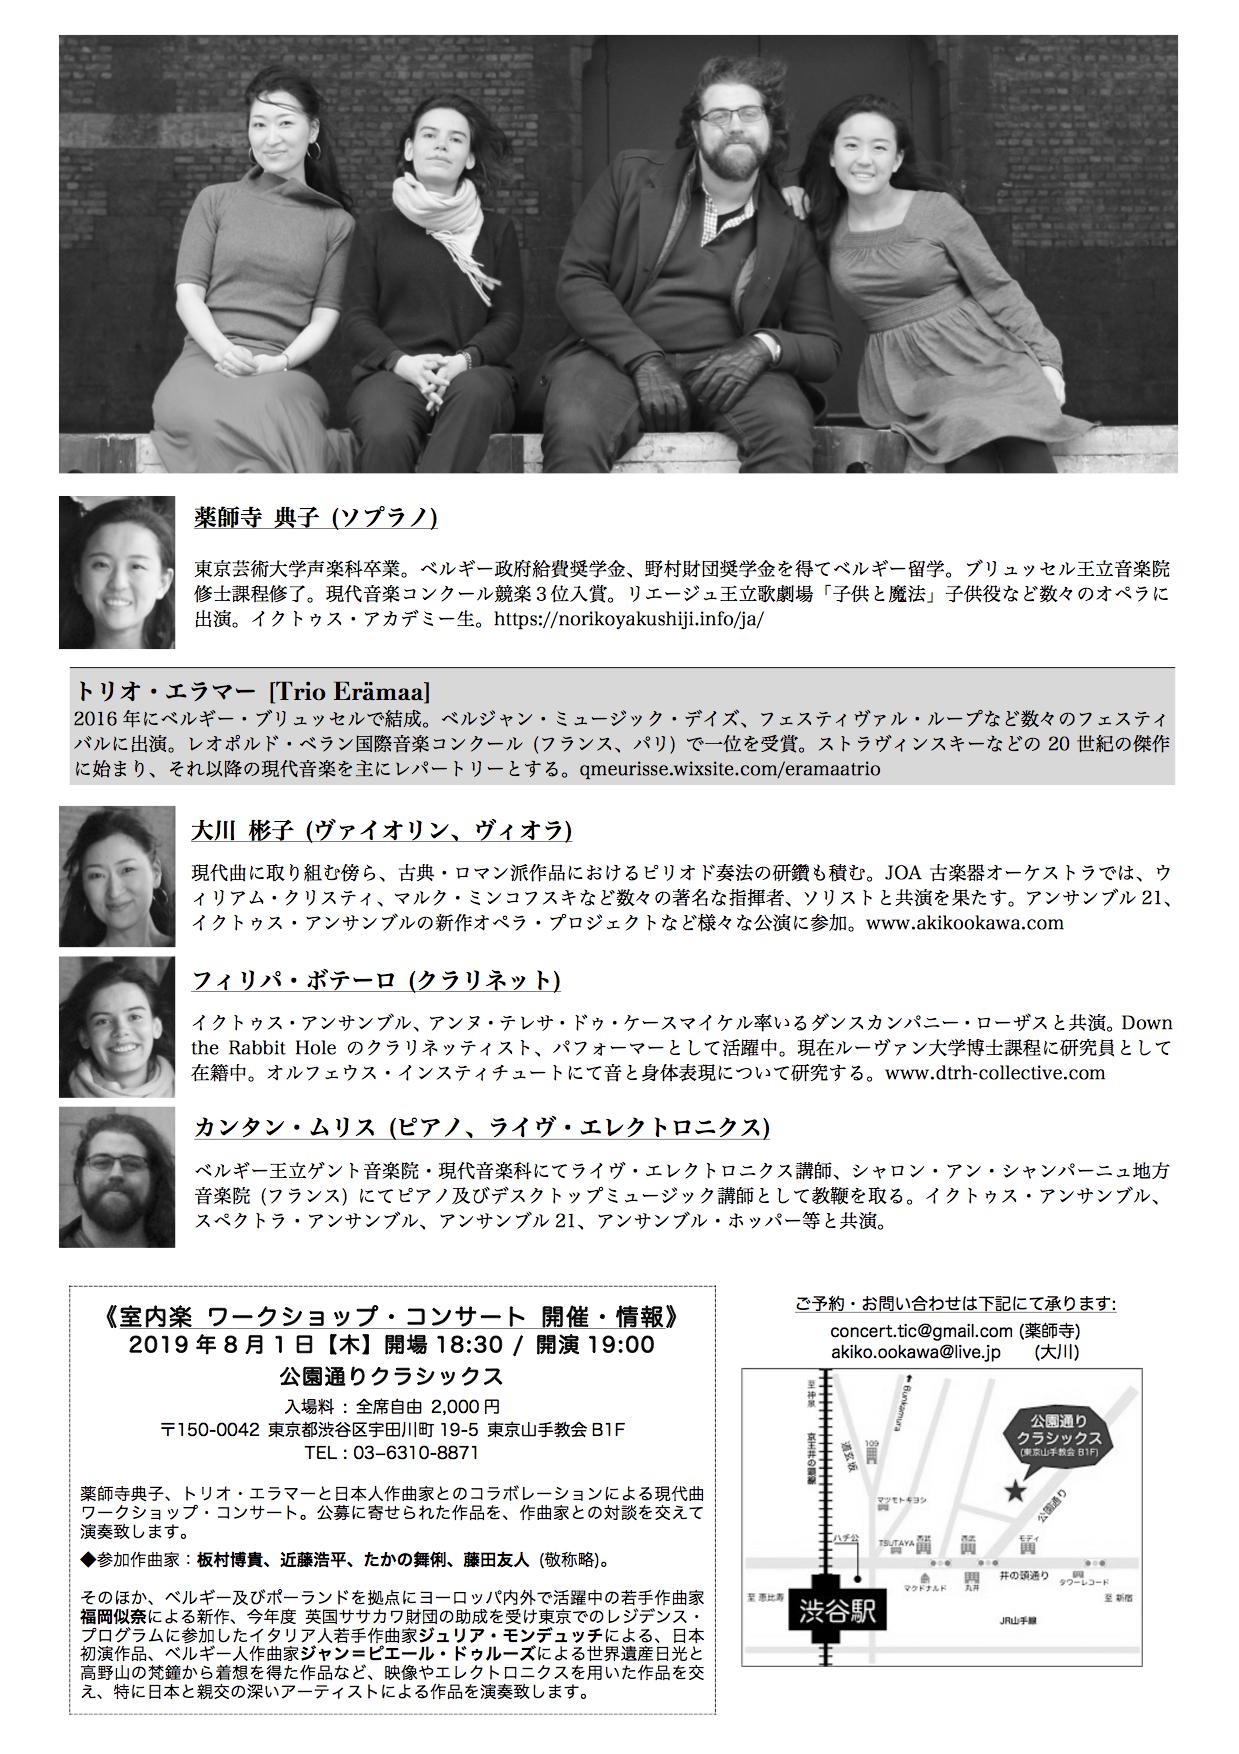 薬師寺典子 & トリオ・エラマー【室内楽 ワークショップ・ コンサート】